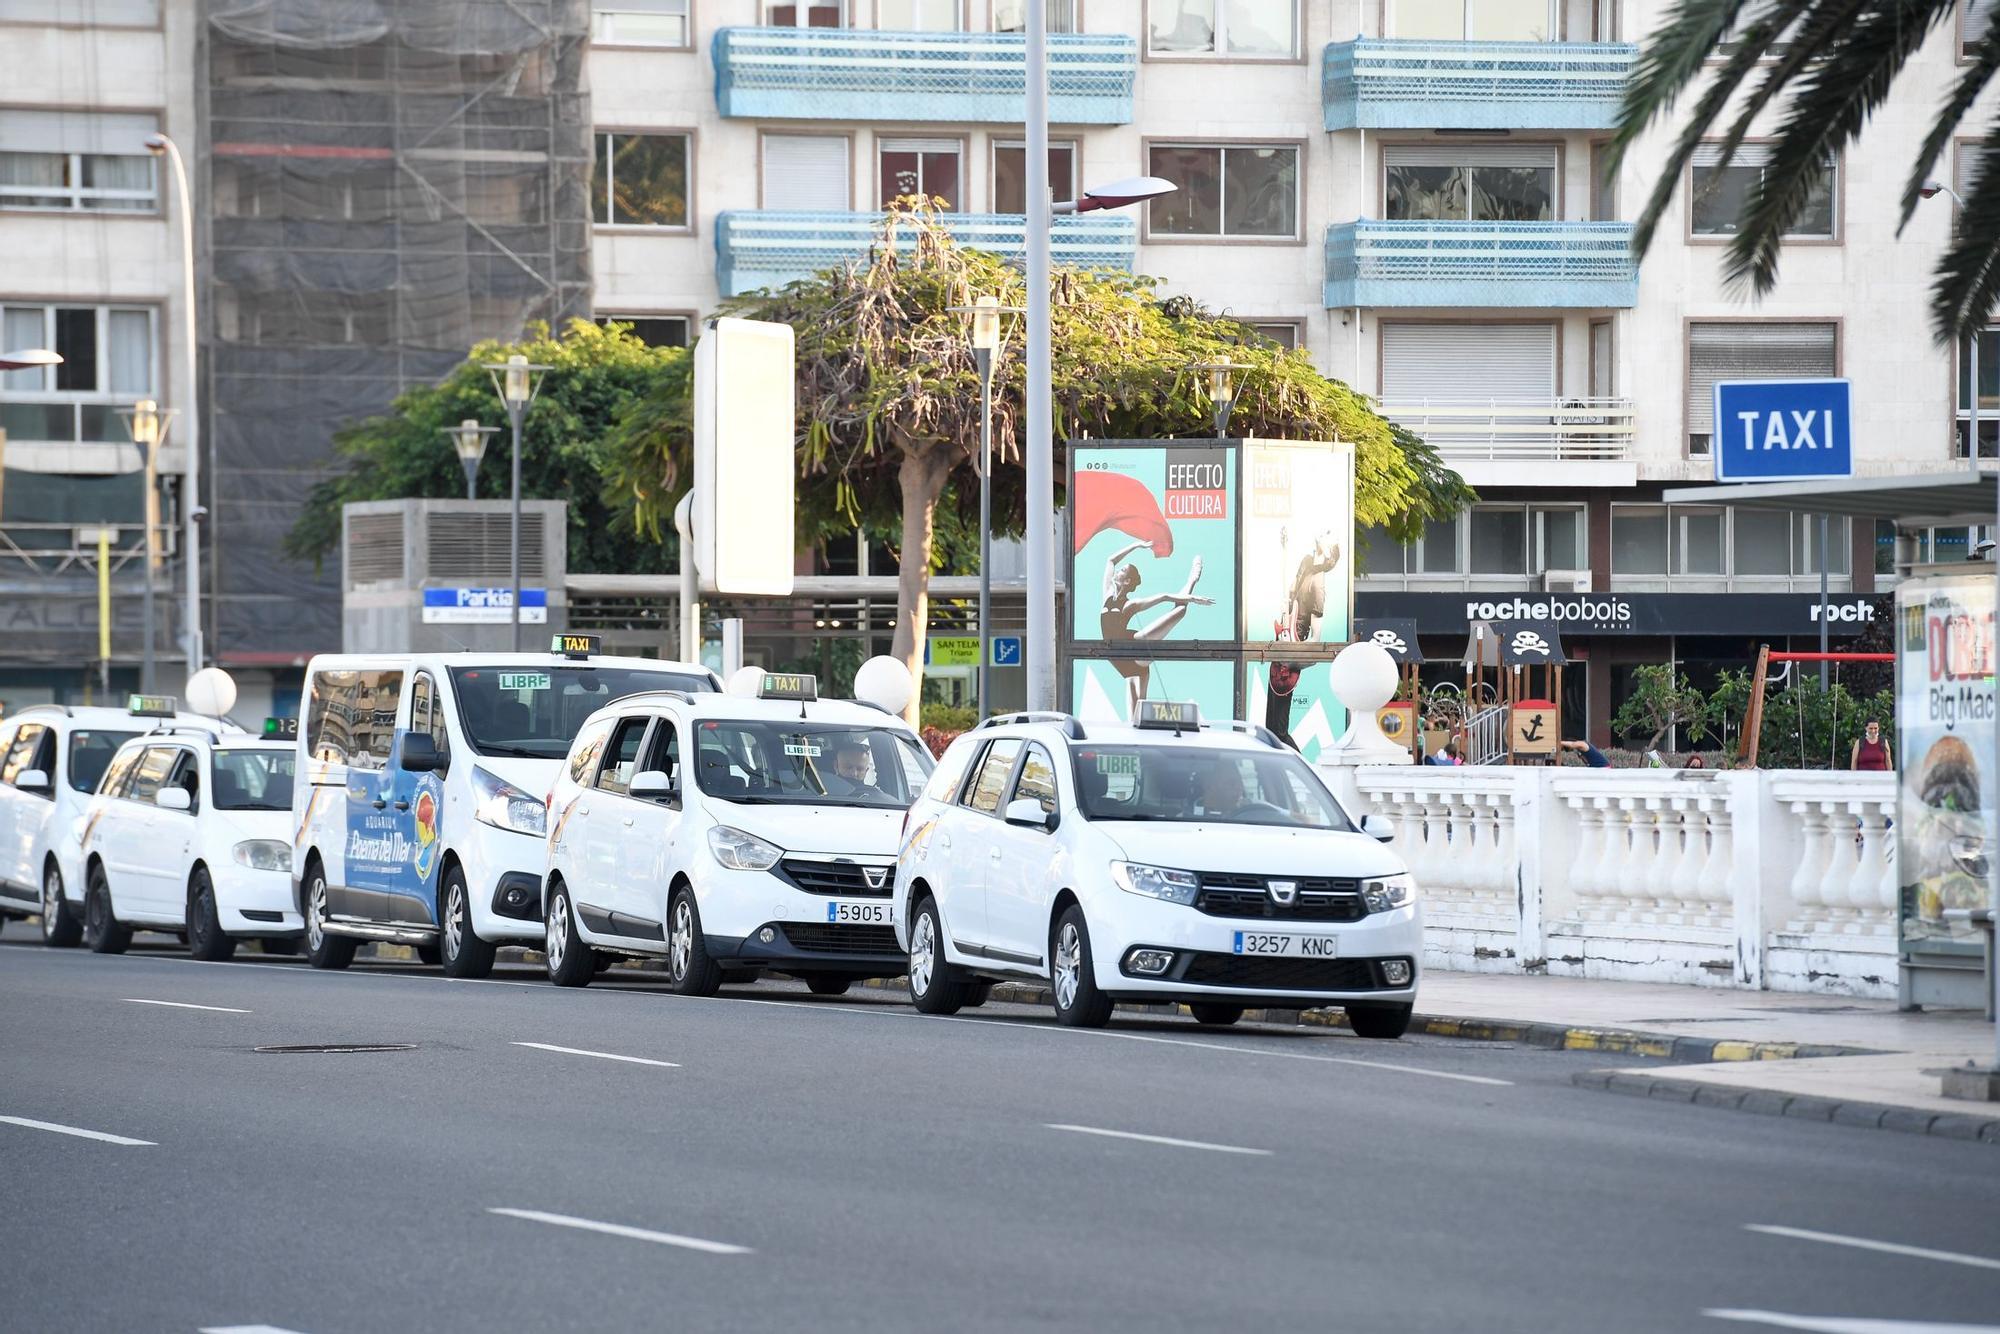 Huelga de guaguas y taxis en la capital grancanaria